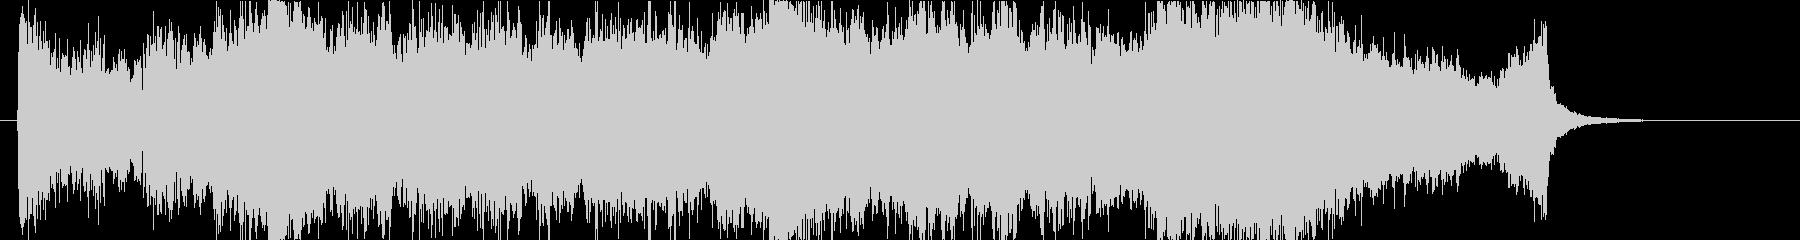 壮大、感動のオーケストラOPハーフaの未再生の波形